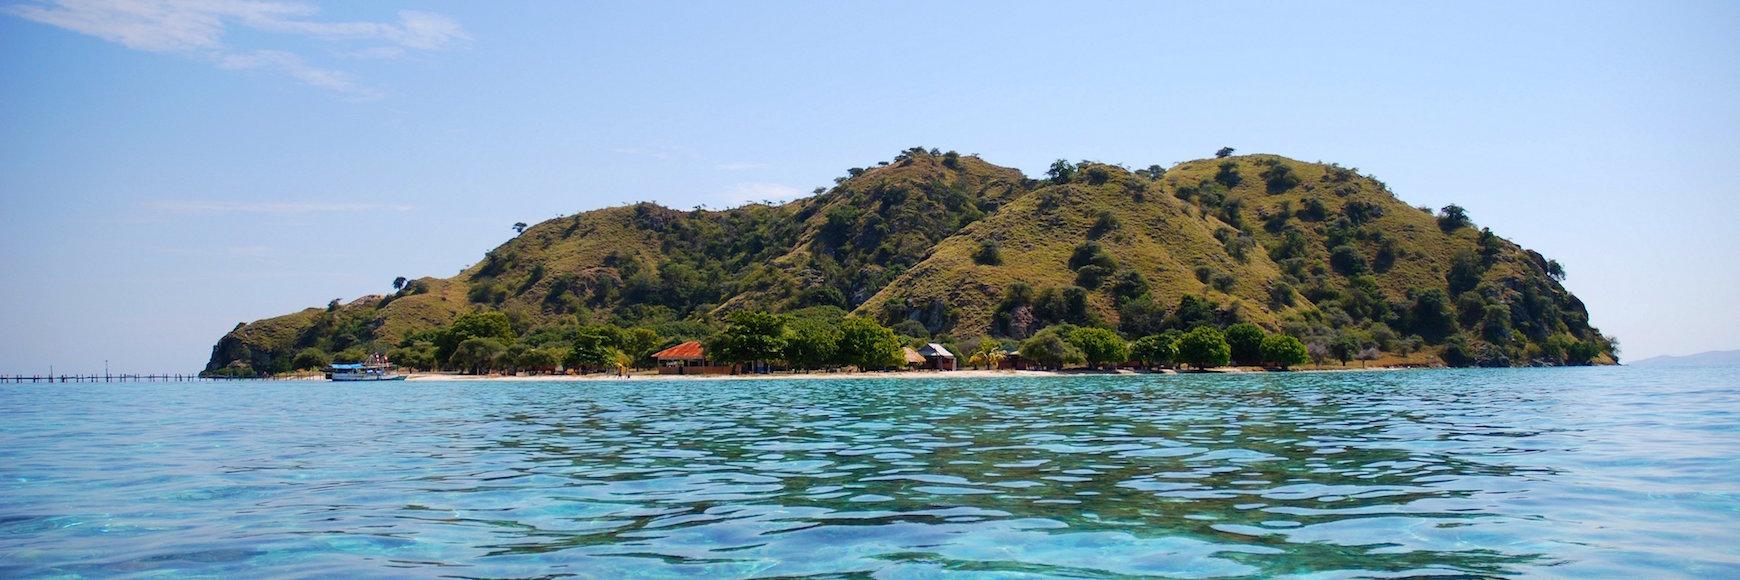 Location bateau moteur Indonésie